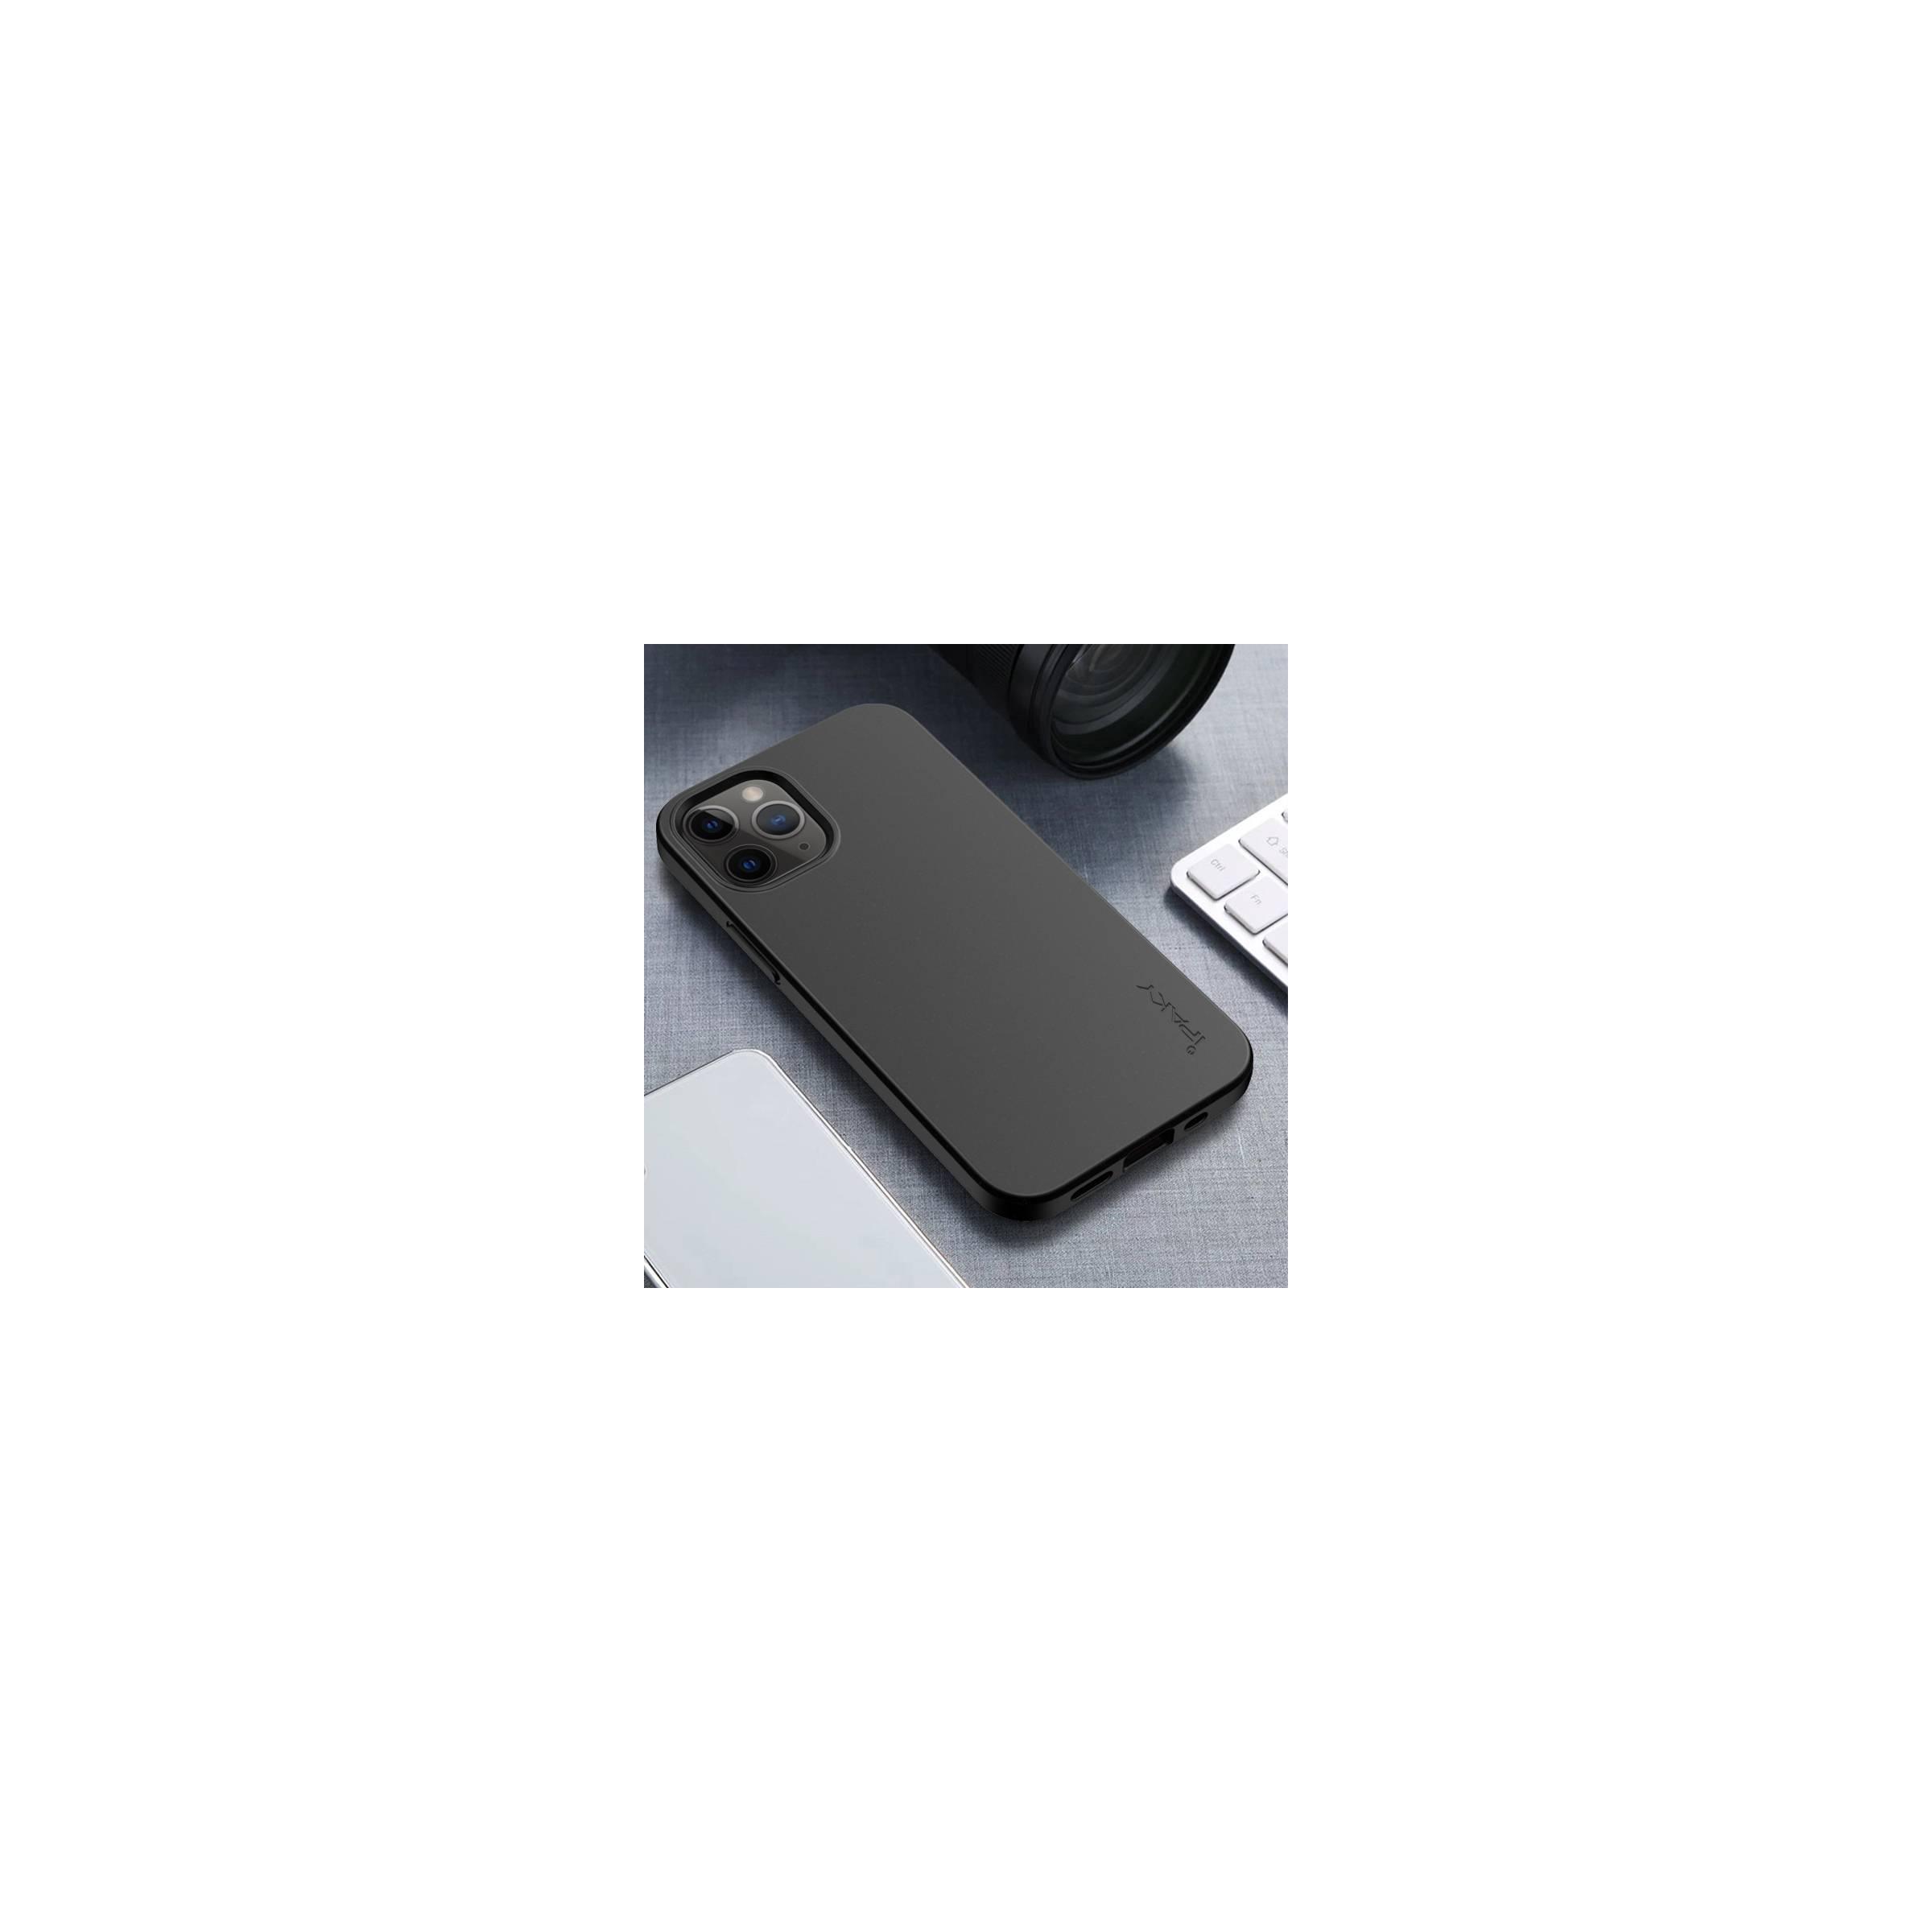 """kina oem Miljørigtigt iphone 12 mini silikone cover 5,4"""" flere farver farve sort fra mackabler.dk"""